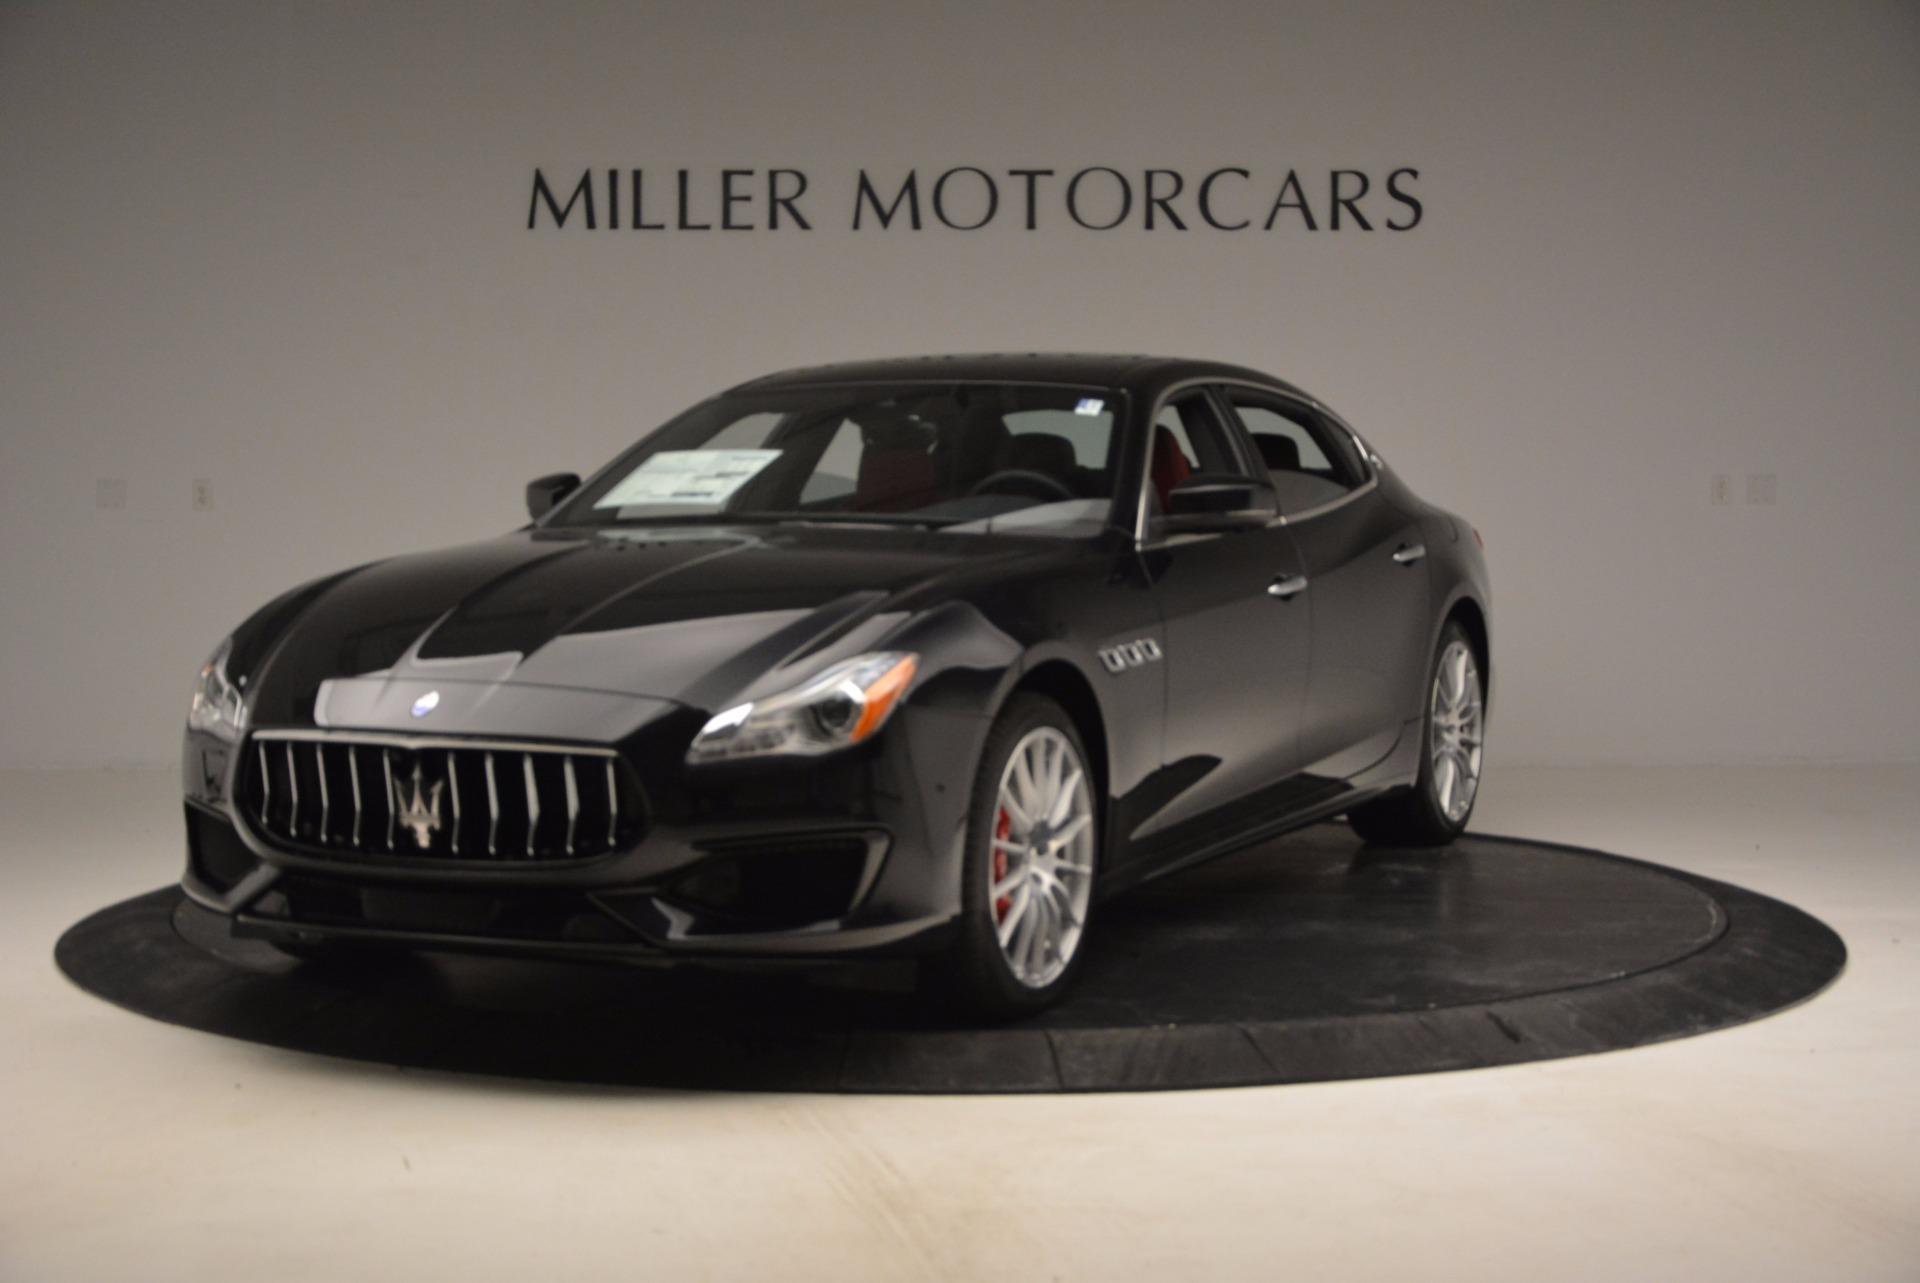 New 2017 Maserati Quattroporte S Q4 GranSport For Sale In Westport, CT 685_main